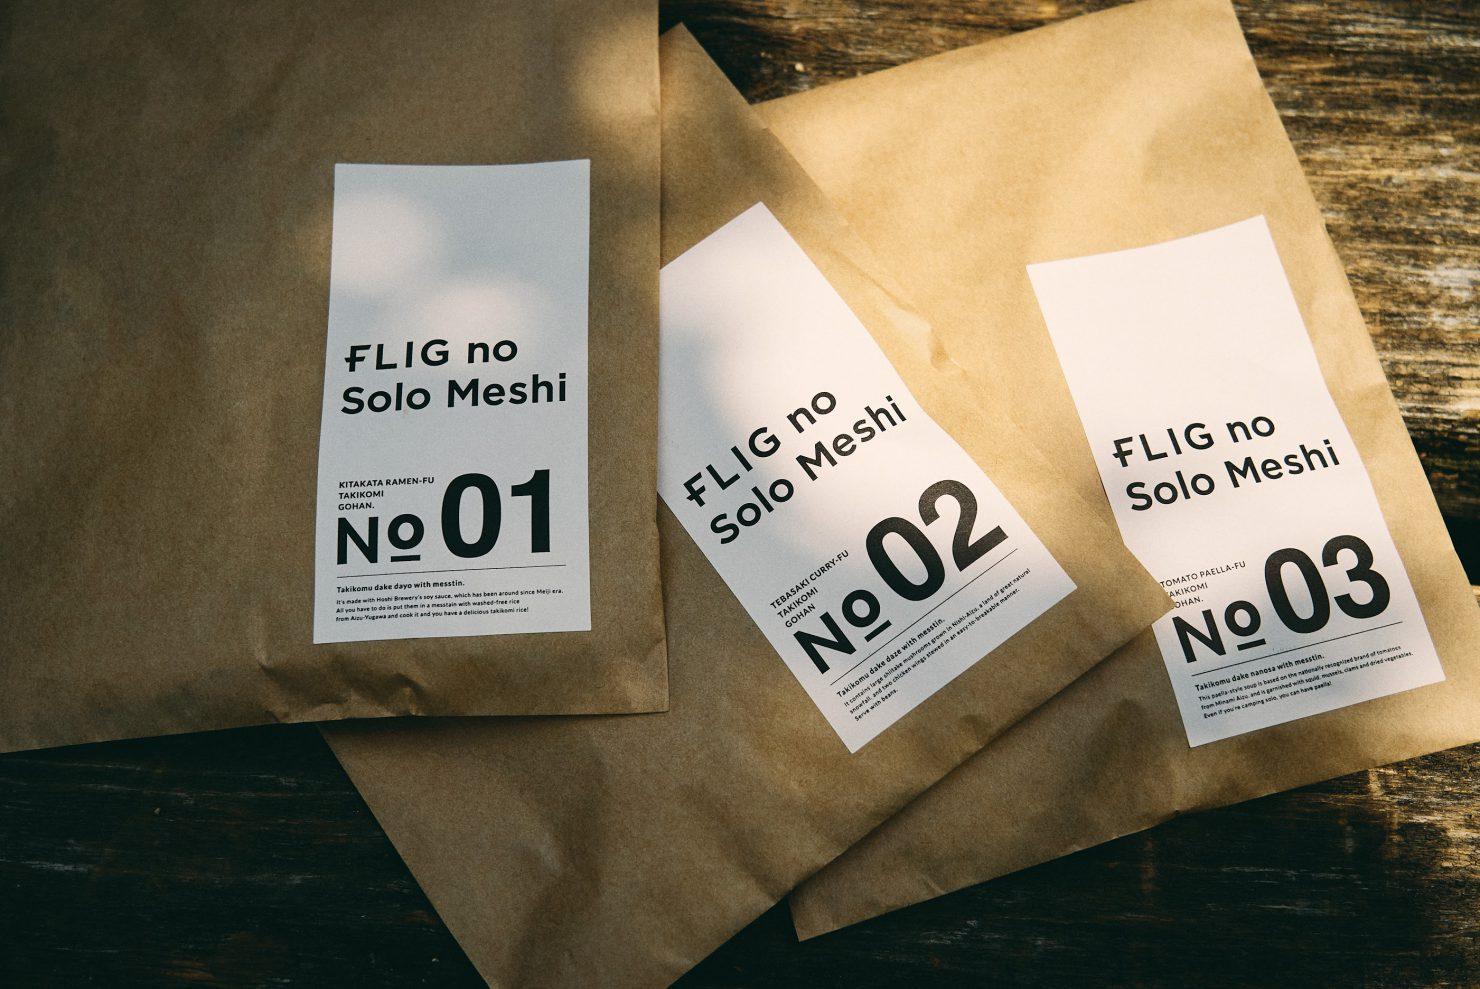 福島県郡山市のデザイン会社ワイアードブレインズのパッケージデザイン事例。フリグノソロメシ1